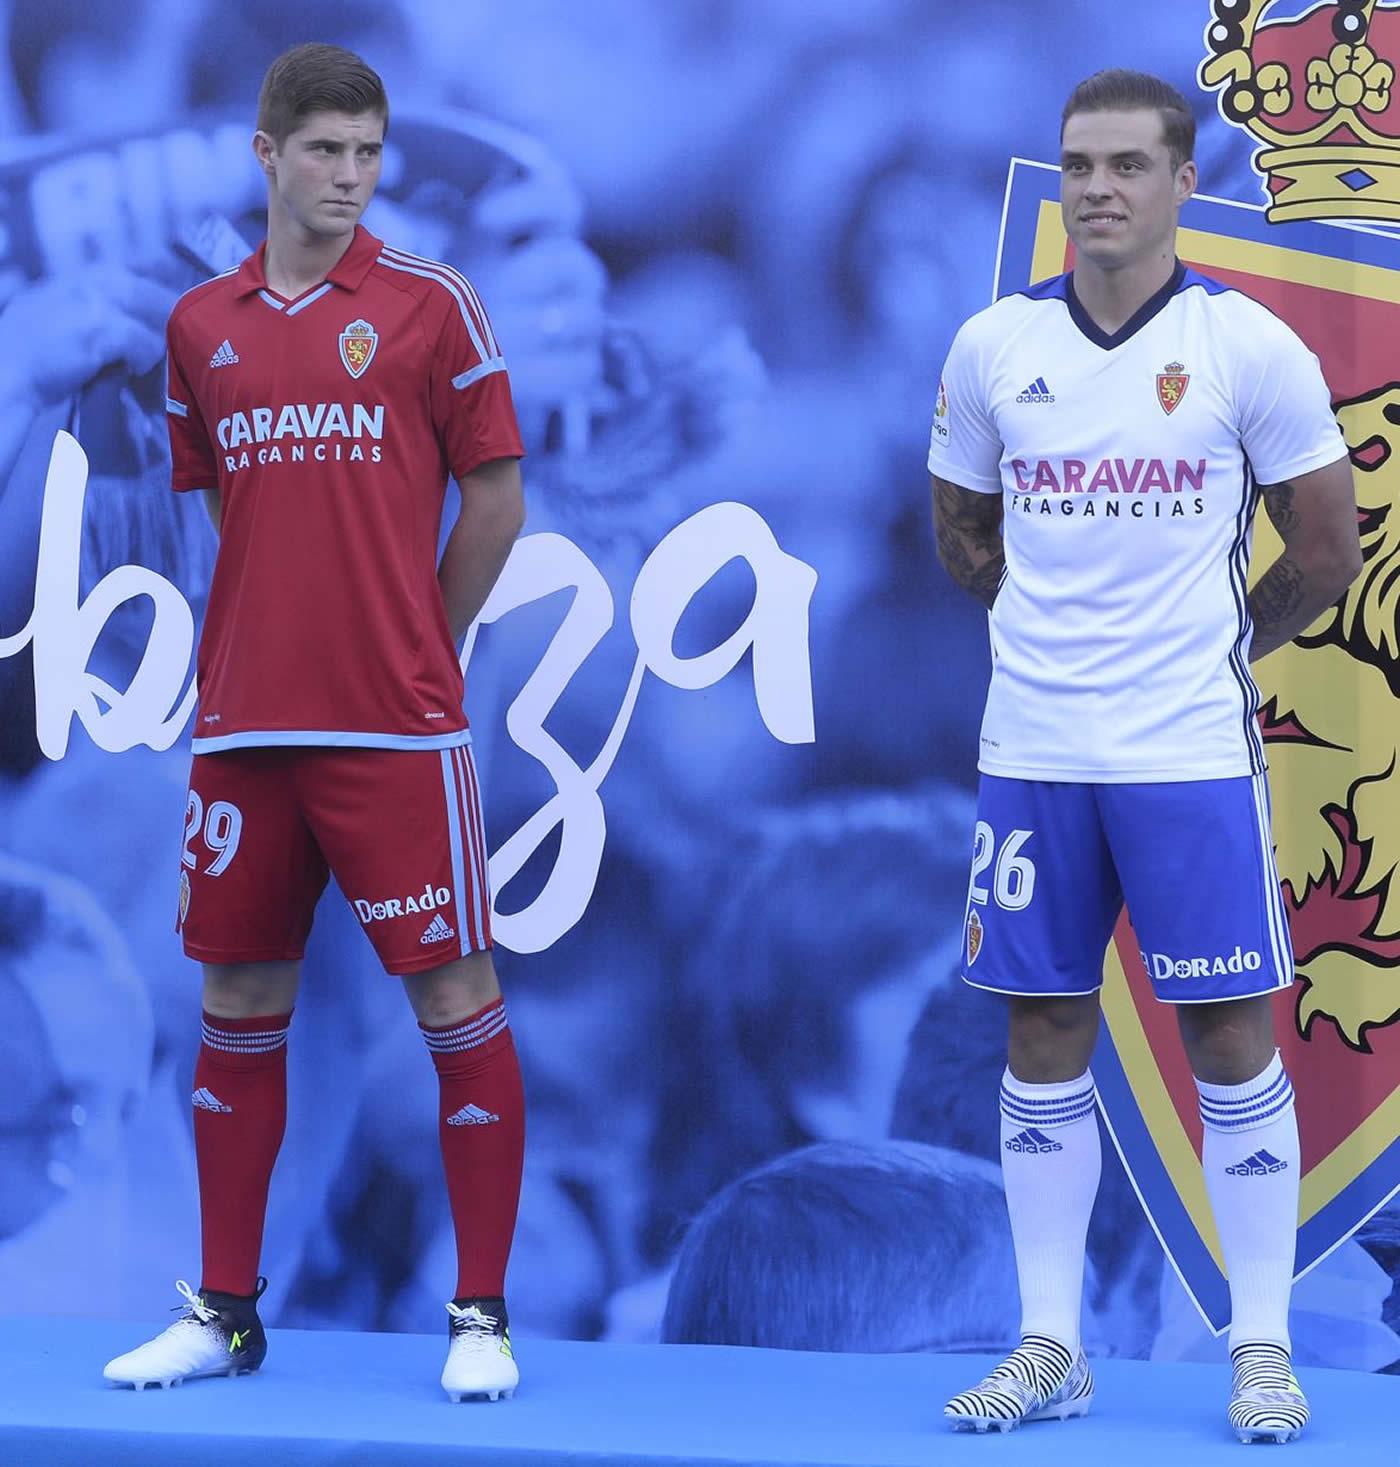 Camisetas Adidas 2017-18 edl Real Zaragoza | Foto Web Oficial